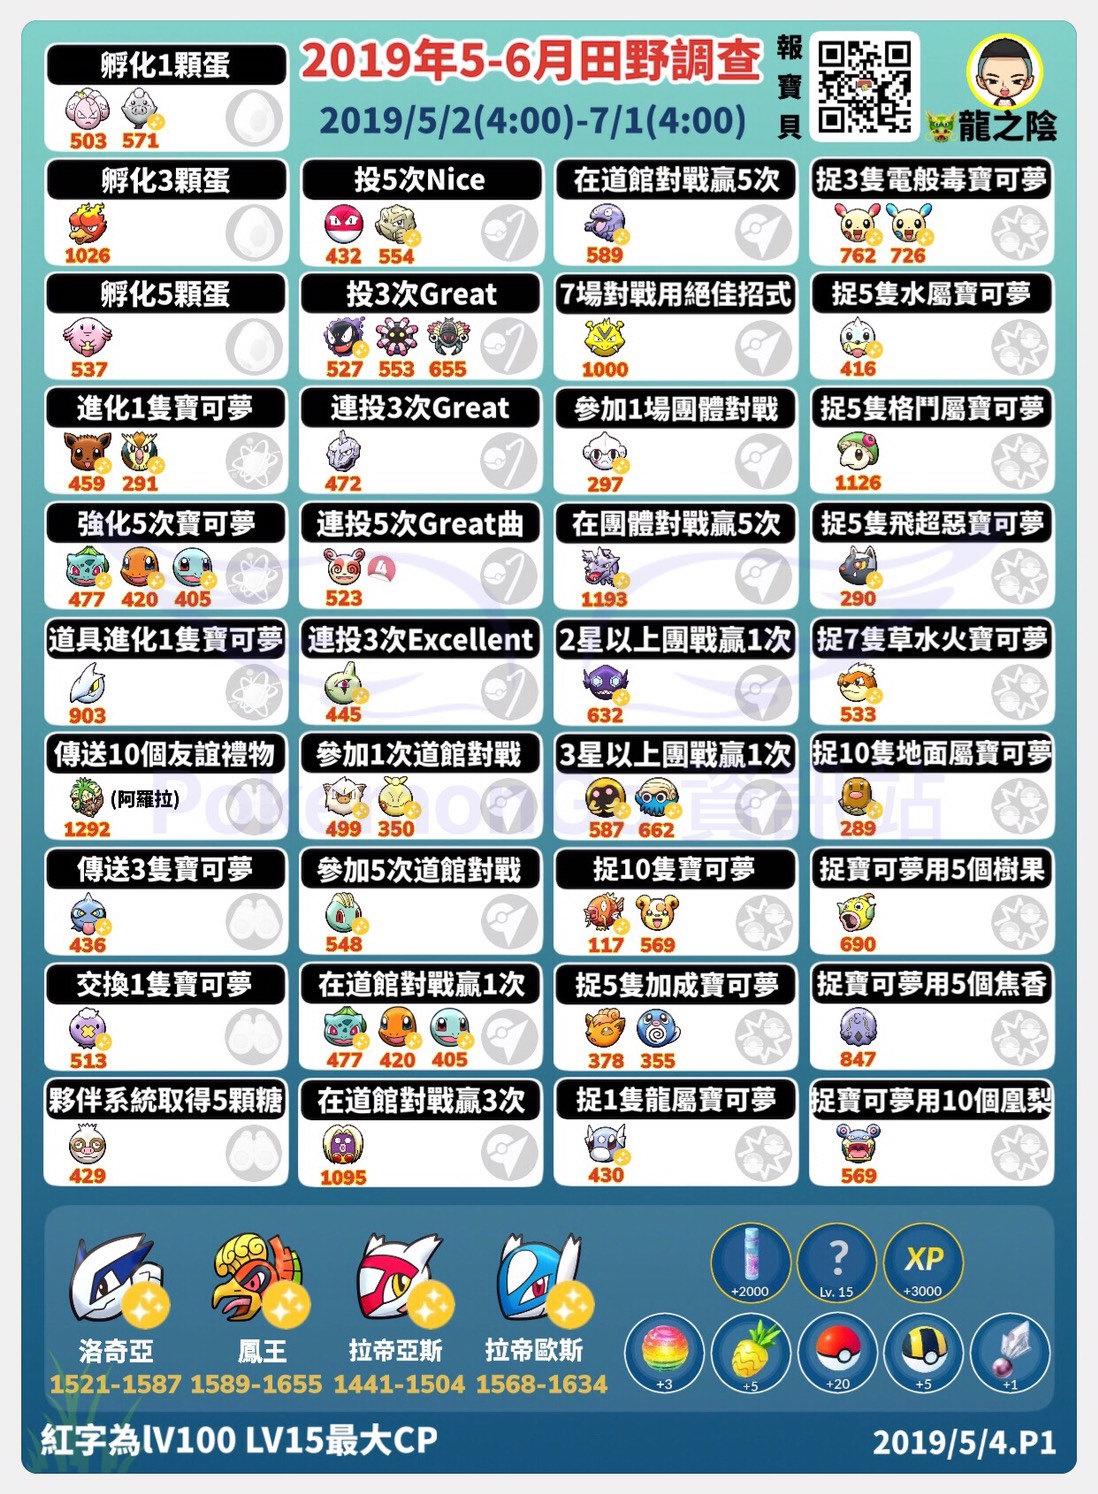 【獎勵】Pokemon Go 2019年田野任務可遇到的寶可夢與調查獎勵表 @Pokemon GO 哈啦板 - 巴哈姆特